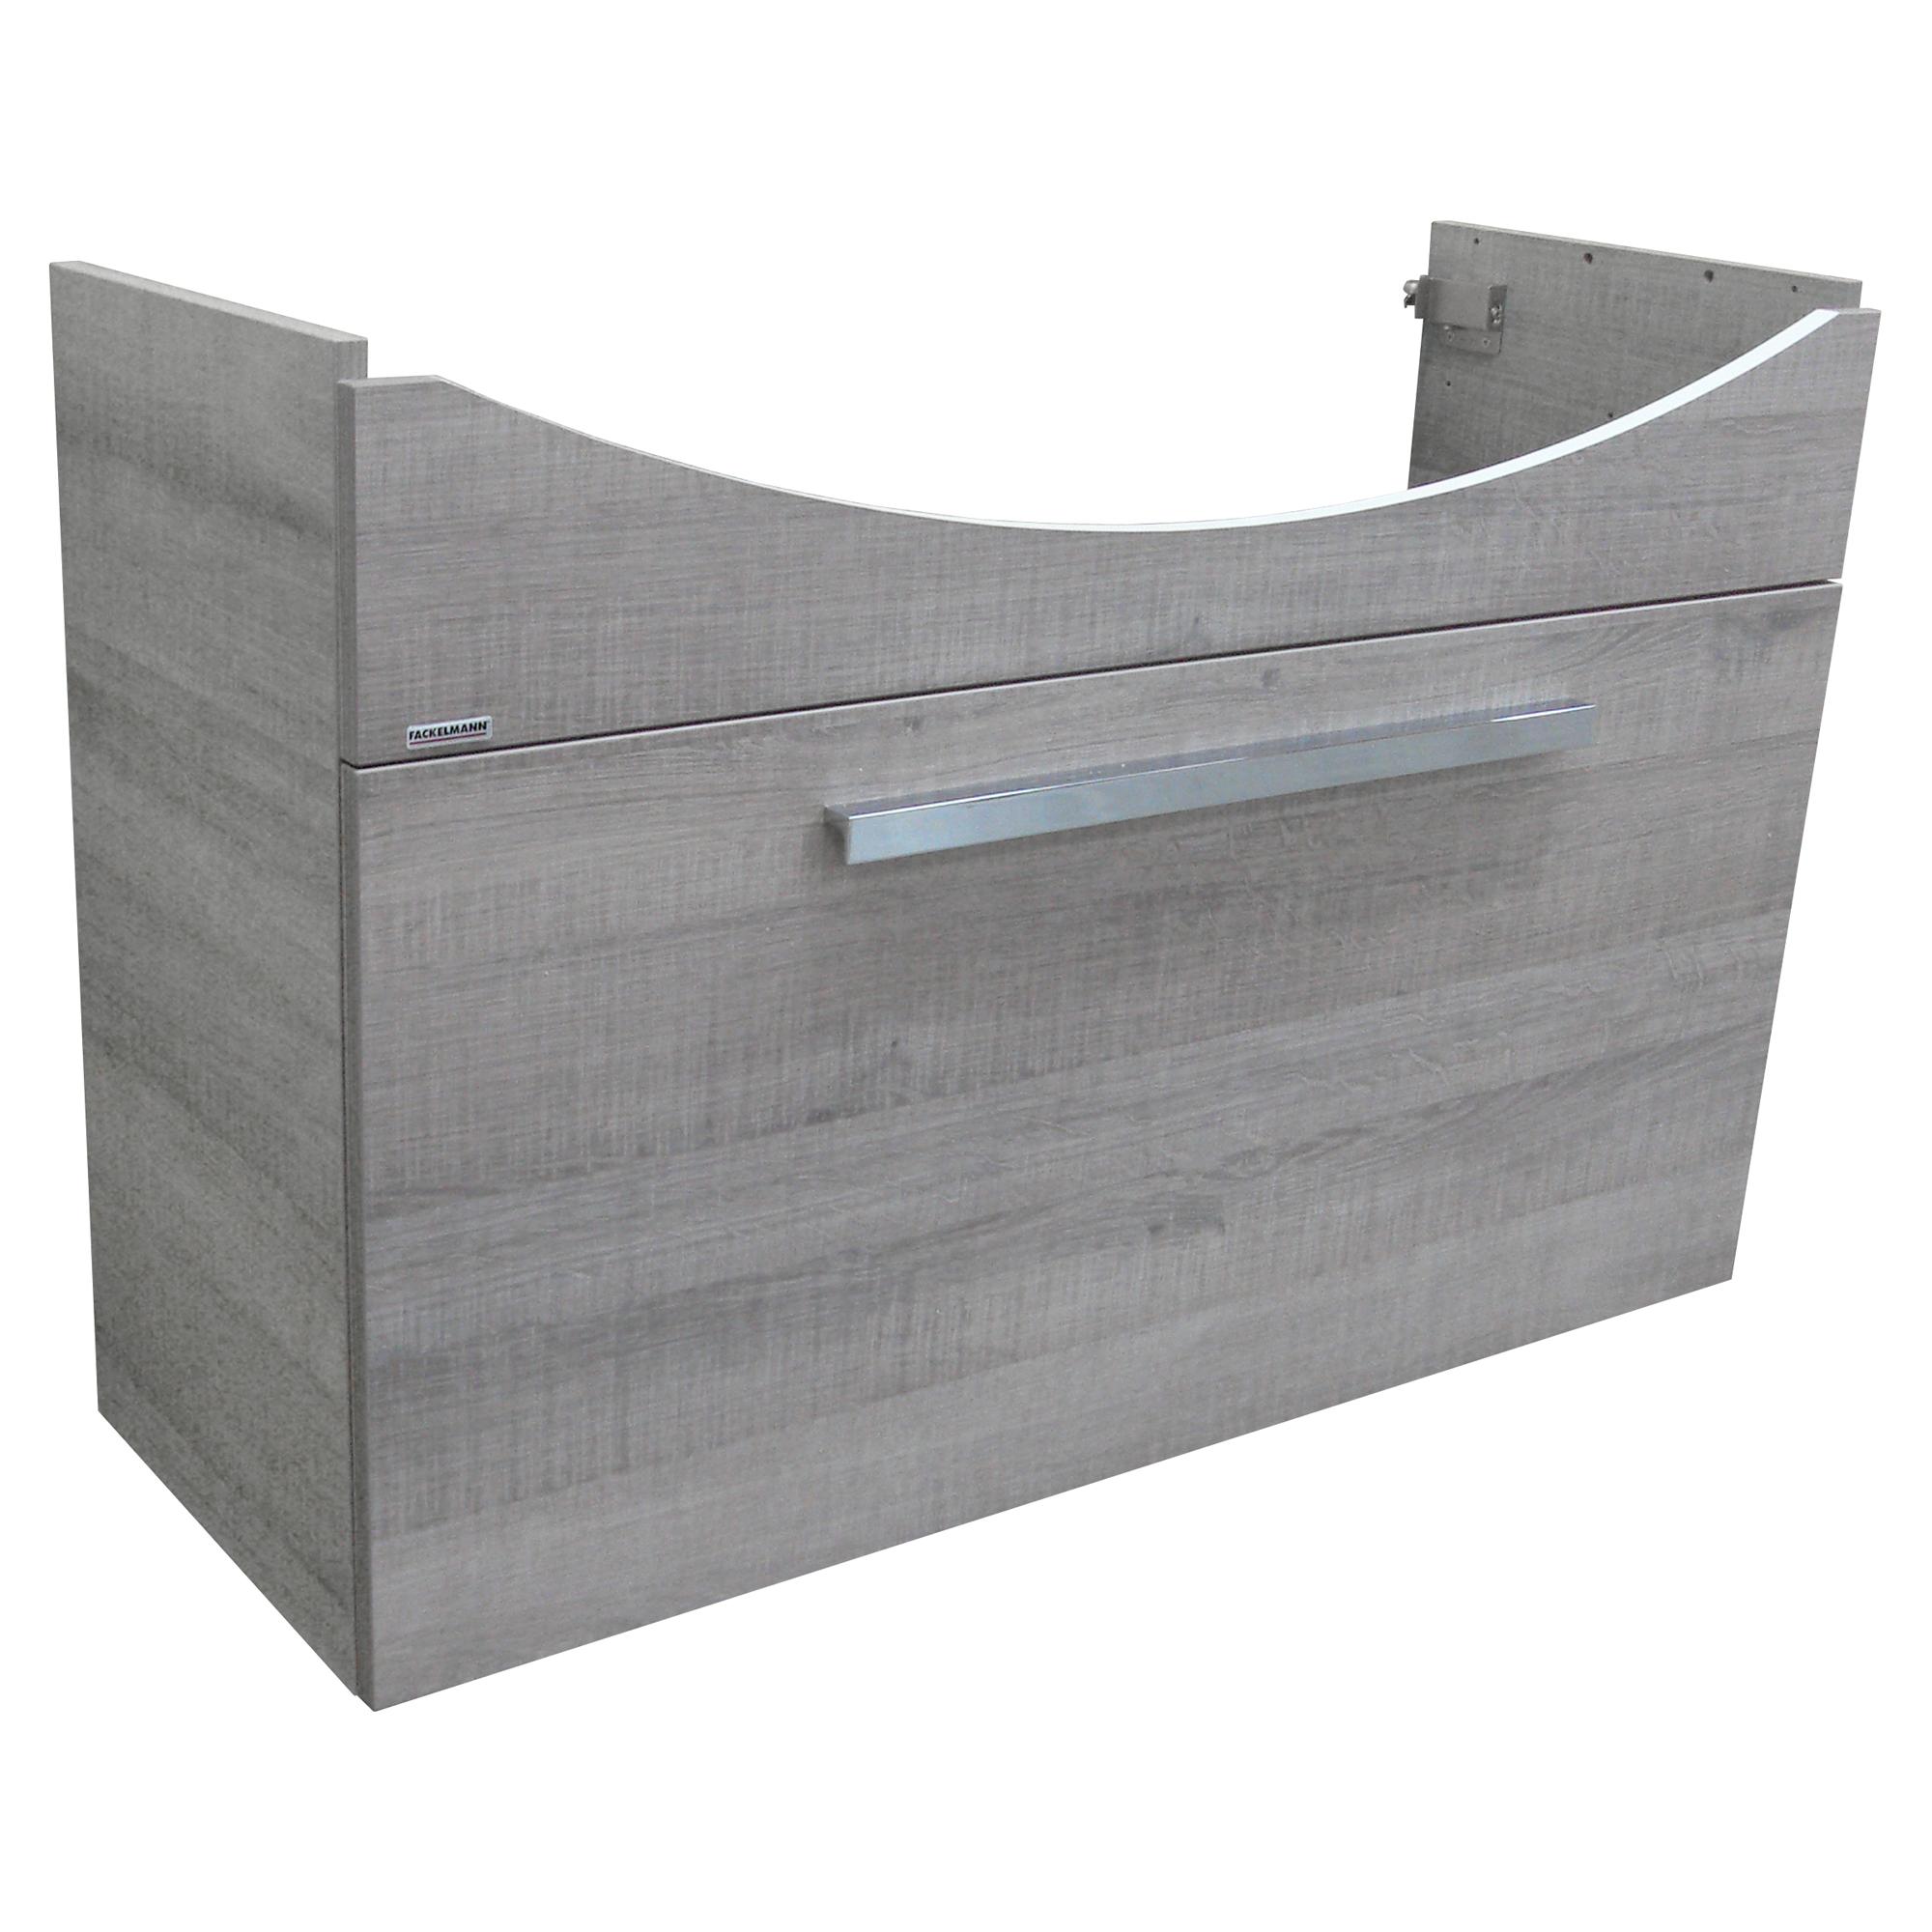 Waschtischunterschranke ǀ Toom Baumarkt